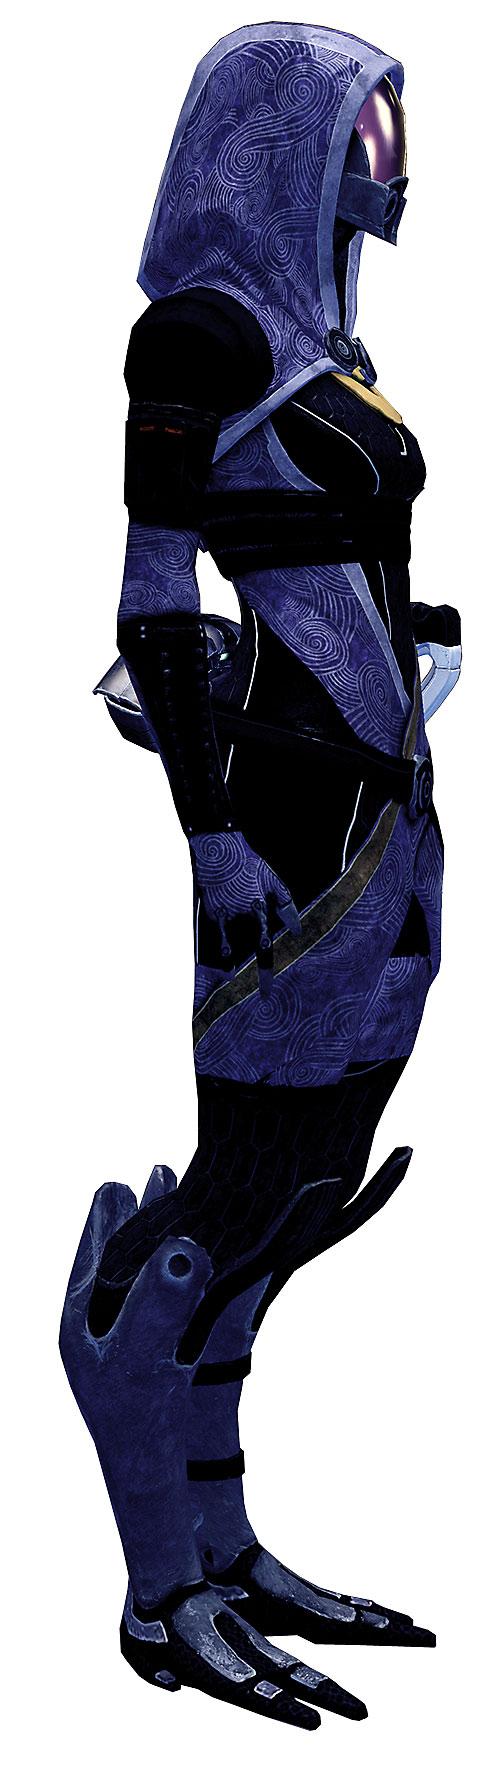 Tali'Zorah vas Normandy (Mass Effect) high resolution model side view